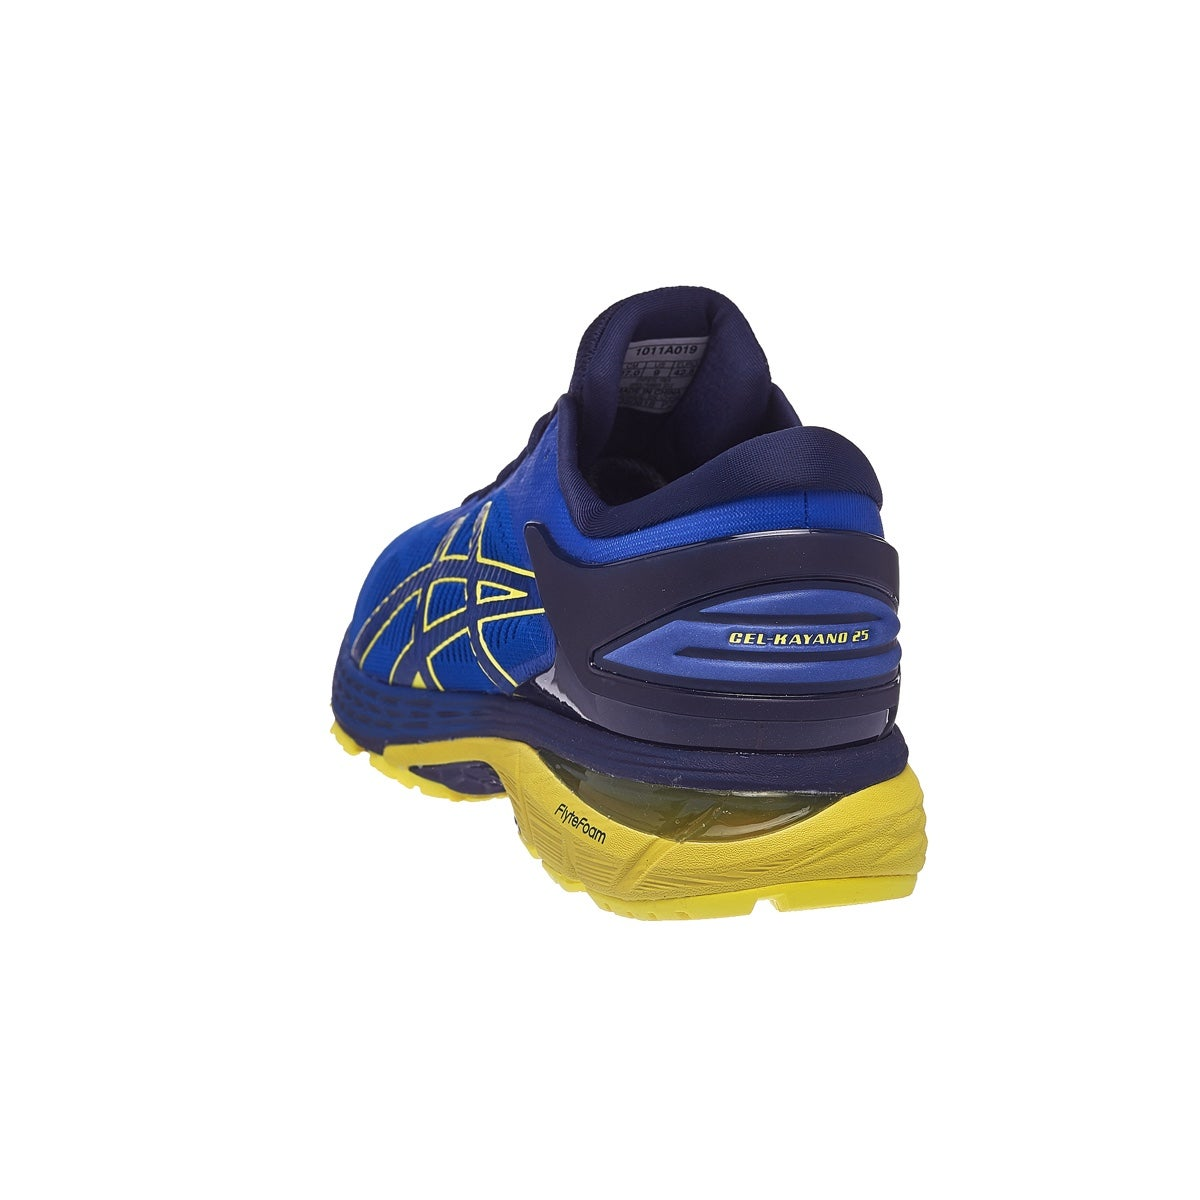 ASICS Gel Kayano 25 Men's Shoes Blue